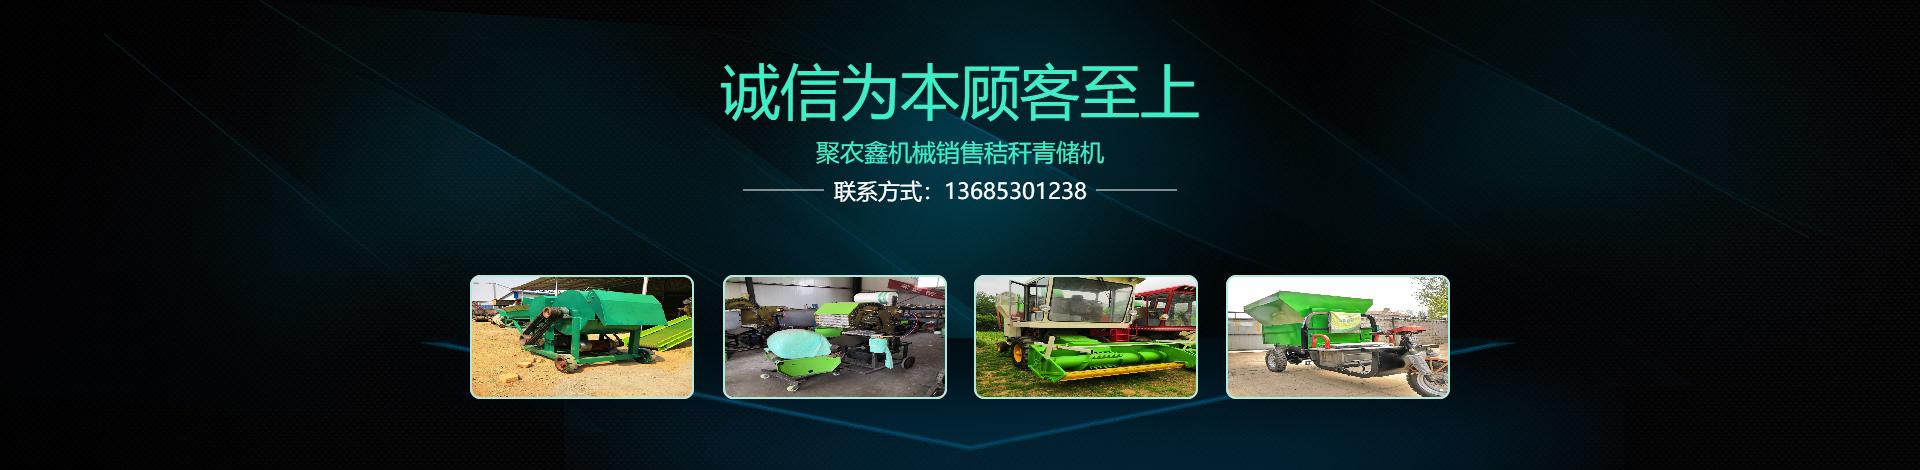 郓城聚农鑫机械有限公司